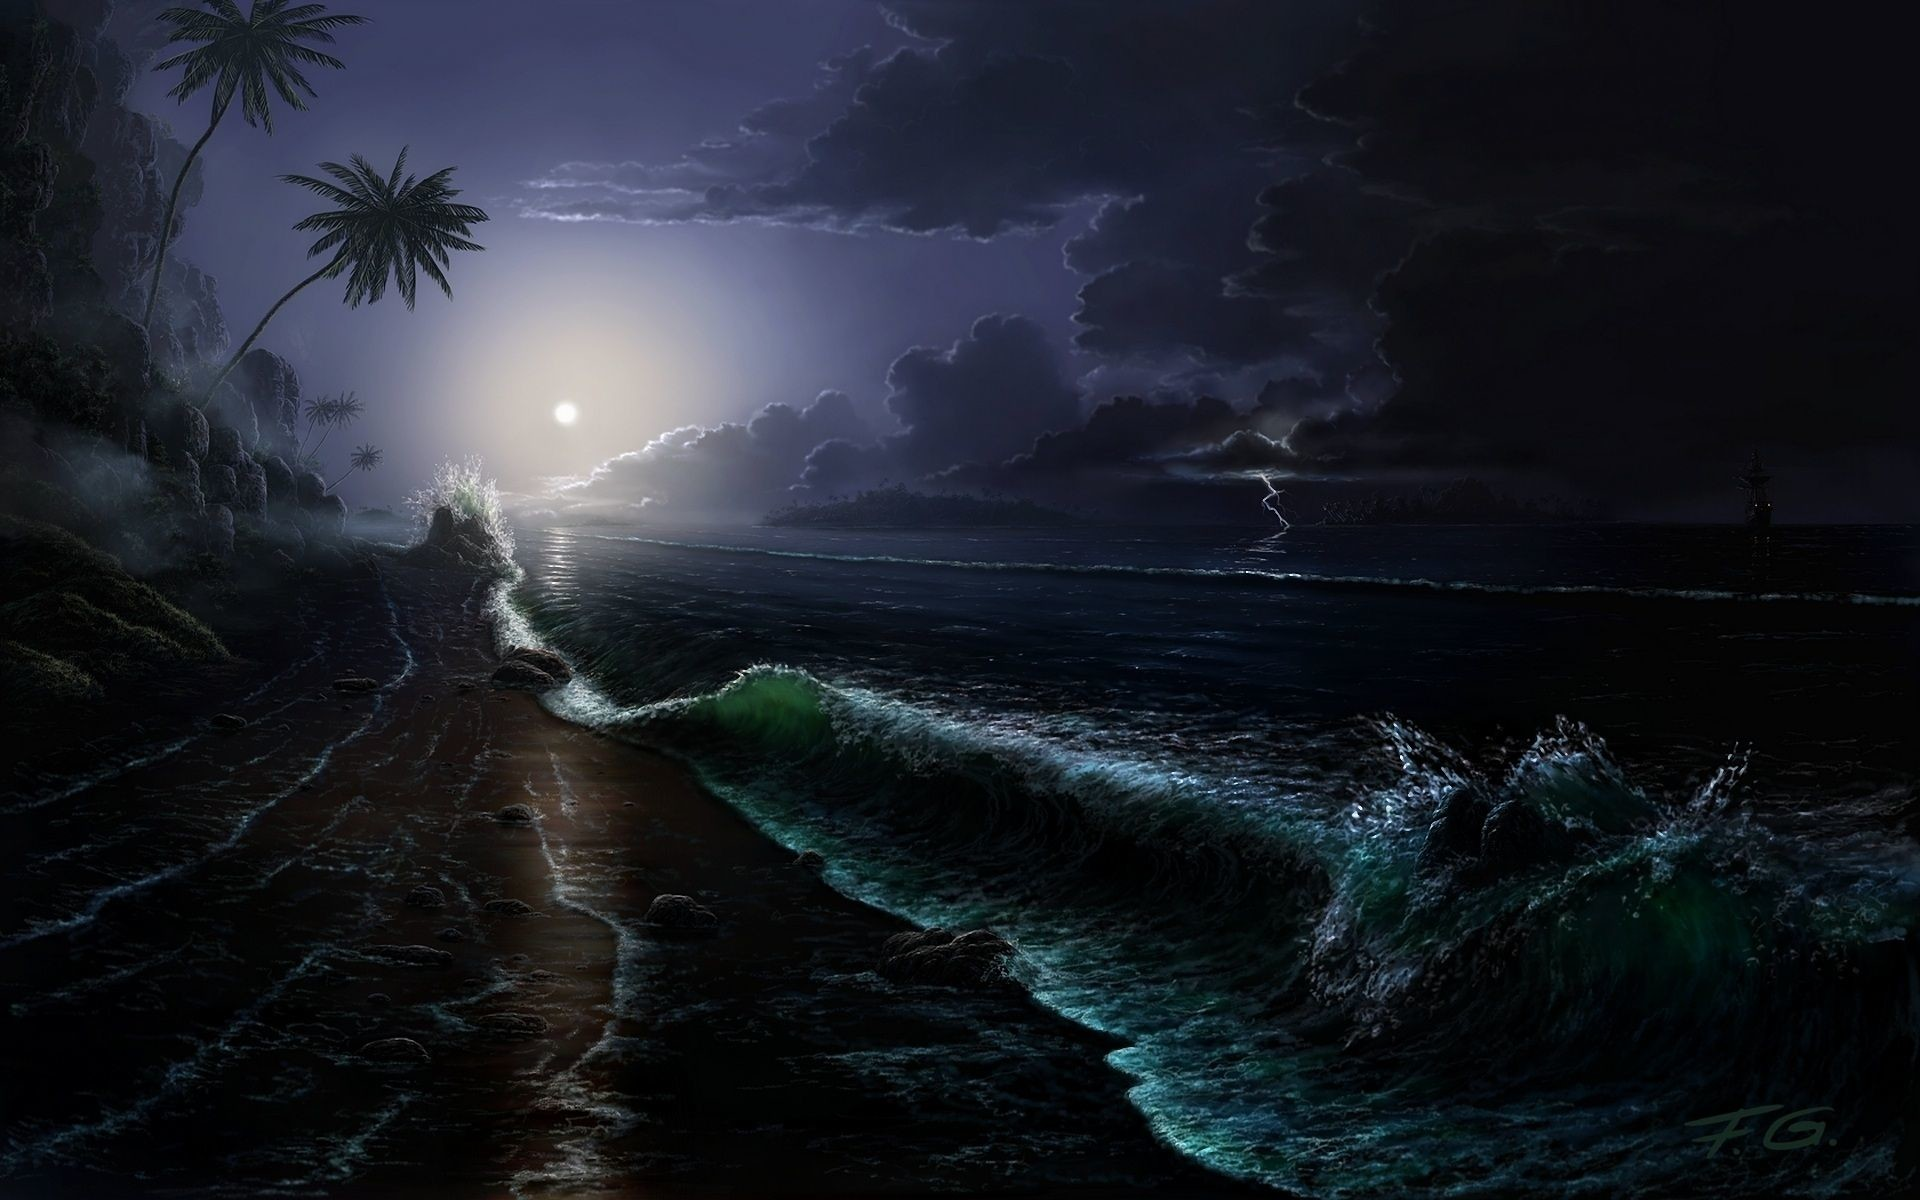 Florida Beach At Night Wallpaper